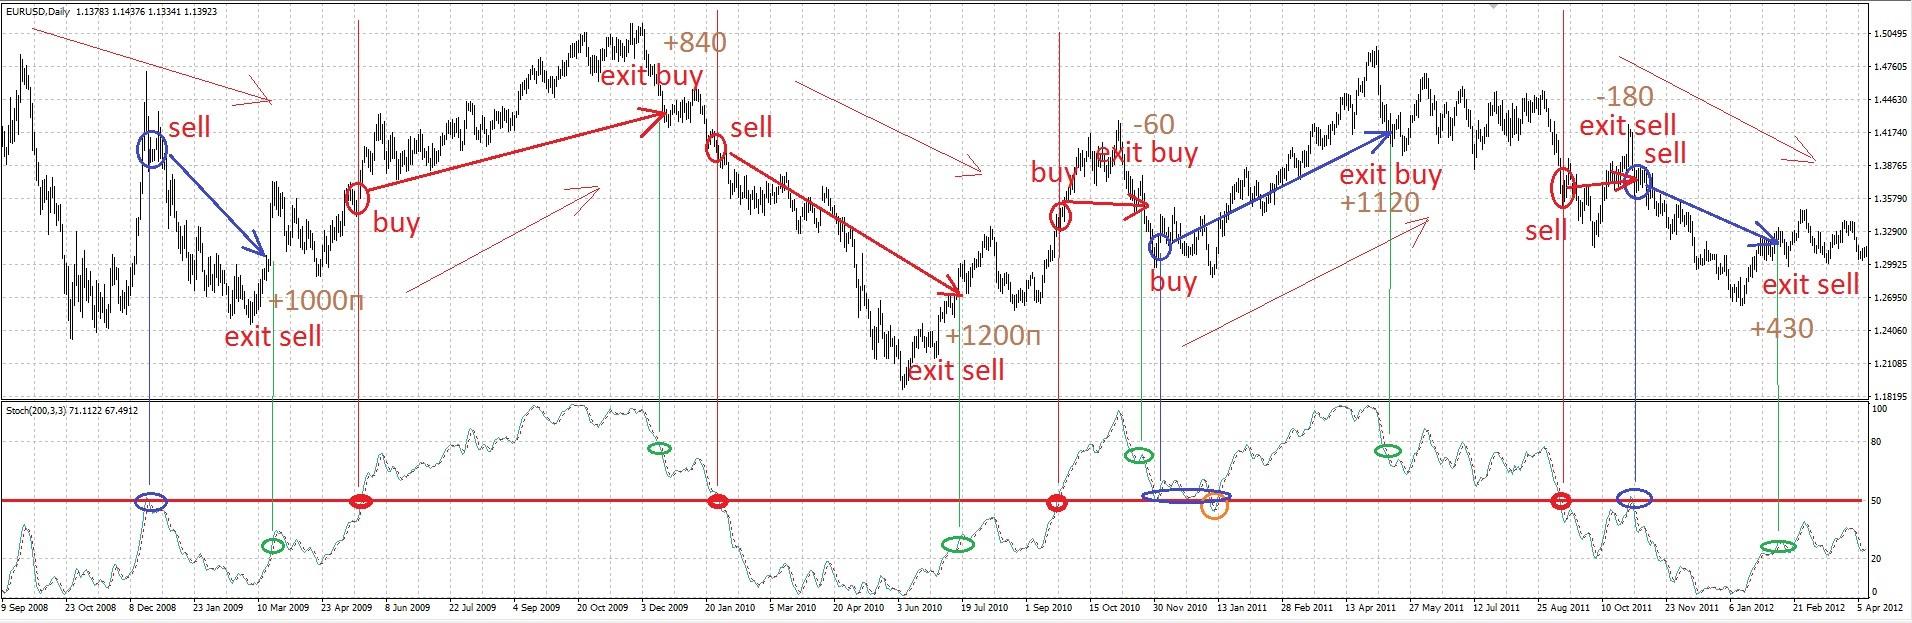 Форекс индикатор перекупленности для 4h forex euro aud